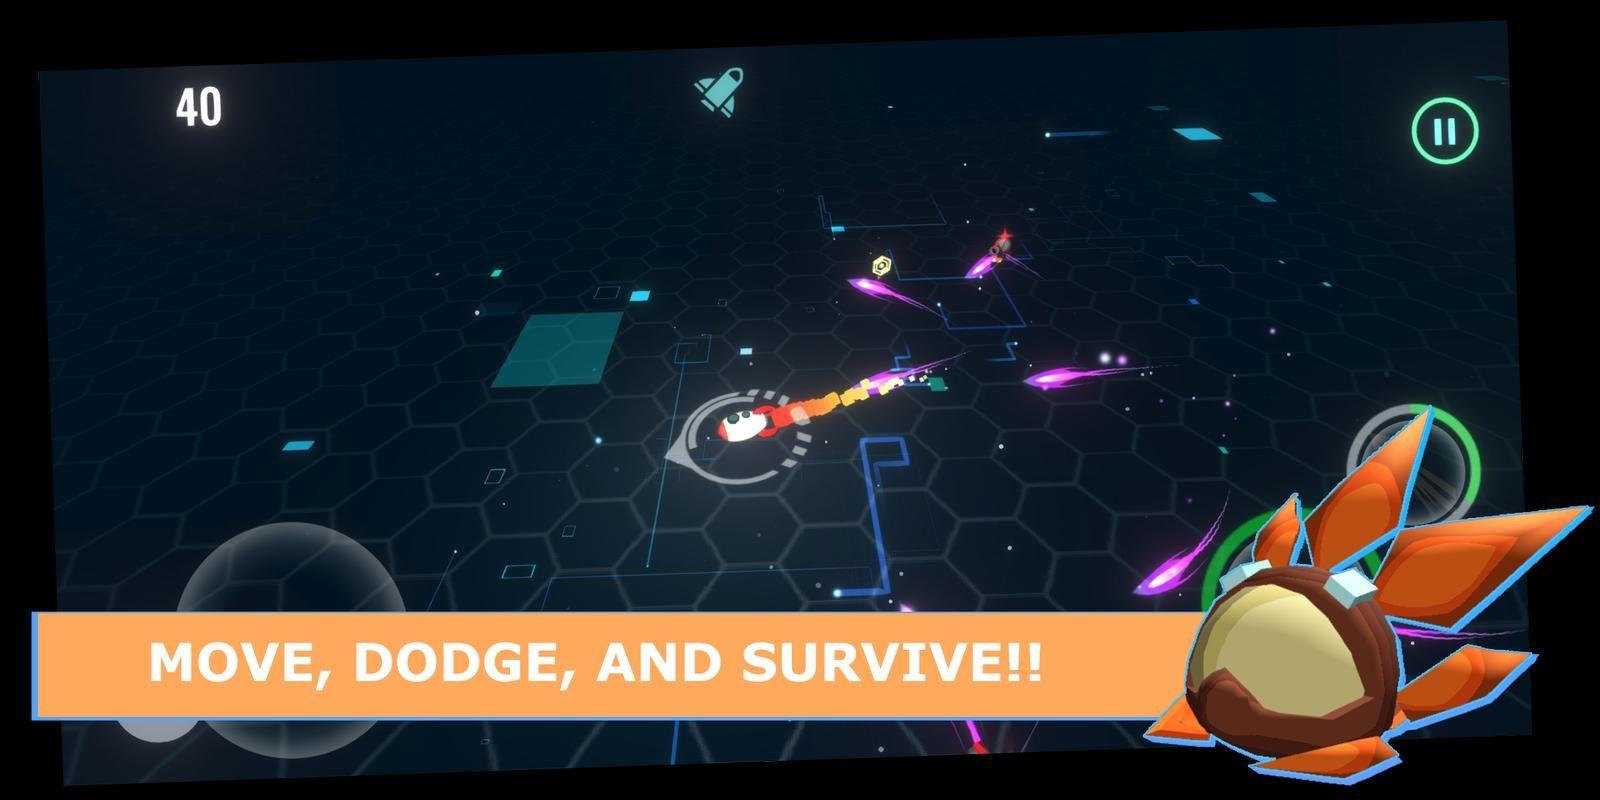 银河反击游戏特色图片